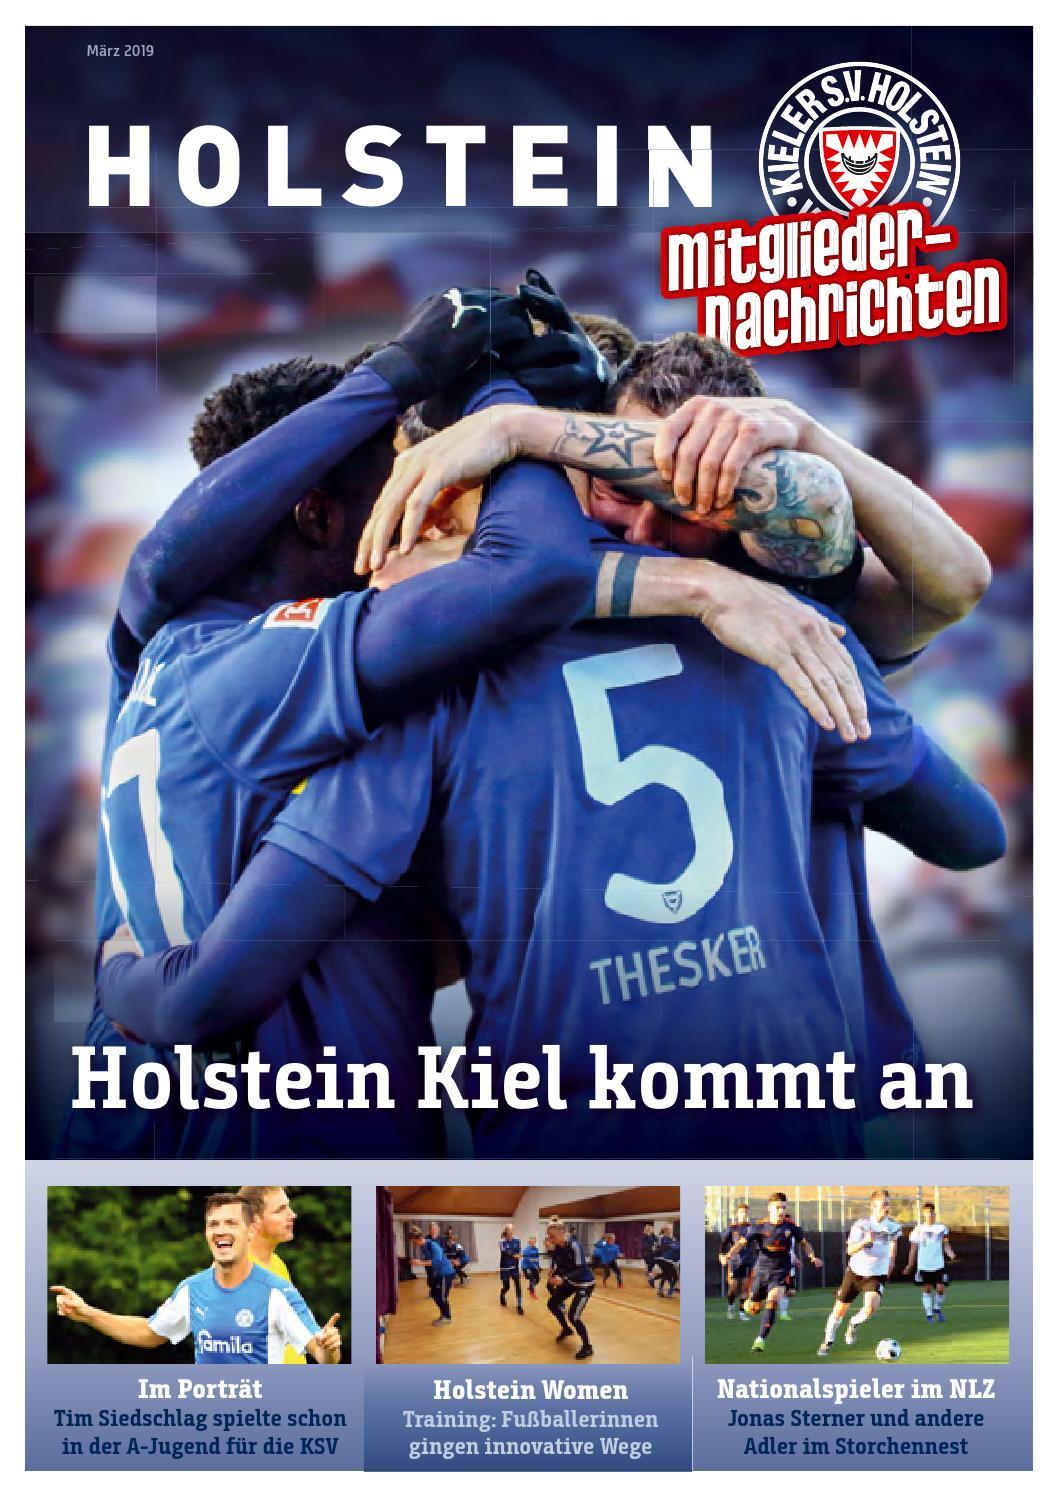 Vereinsmagazin März 2019 by Wolf + Carow issuu